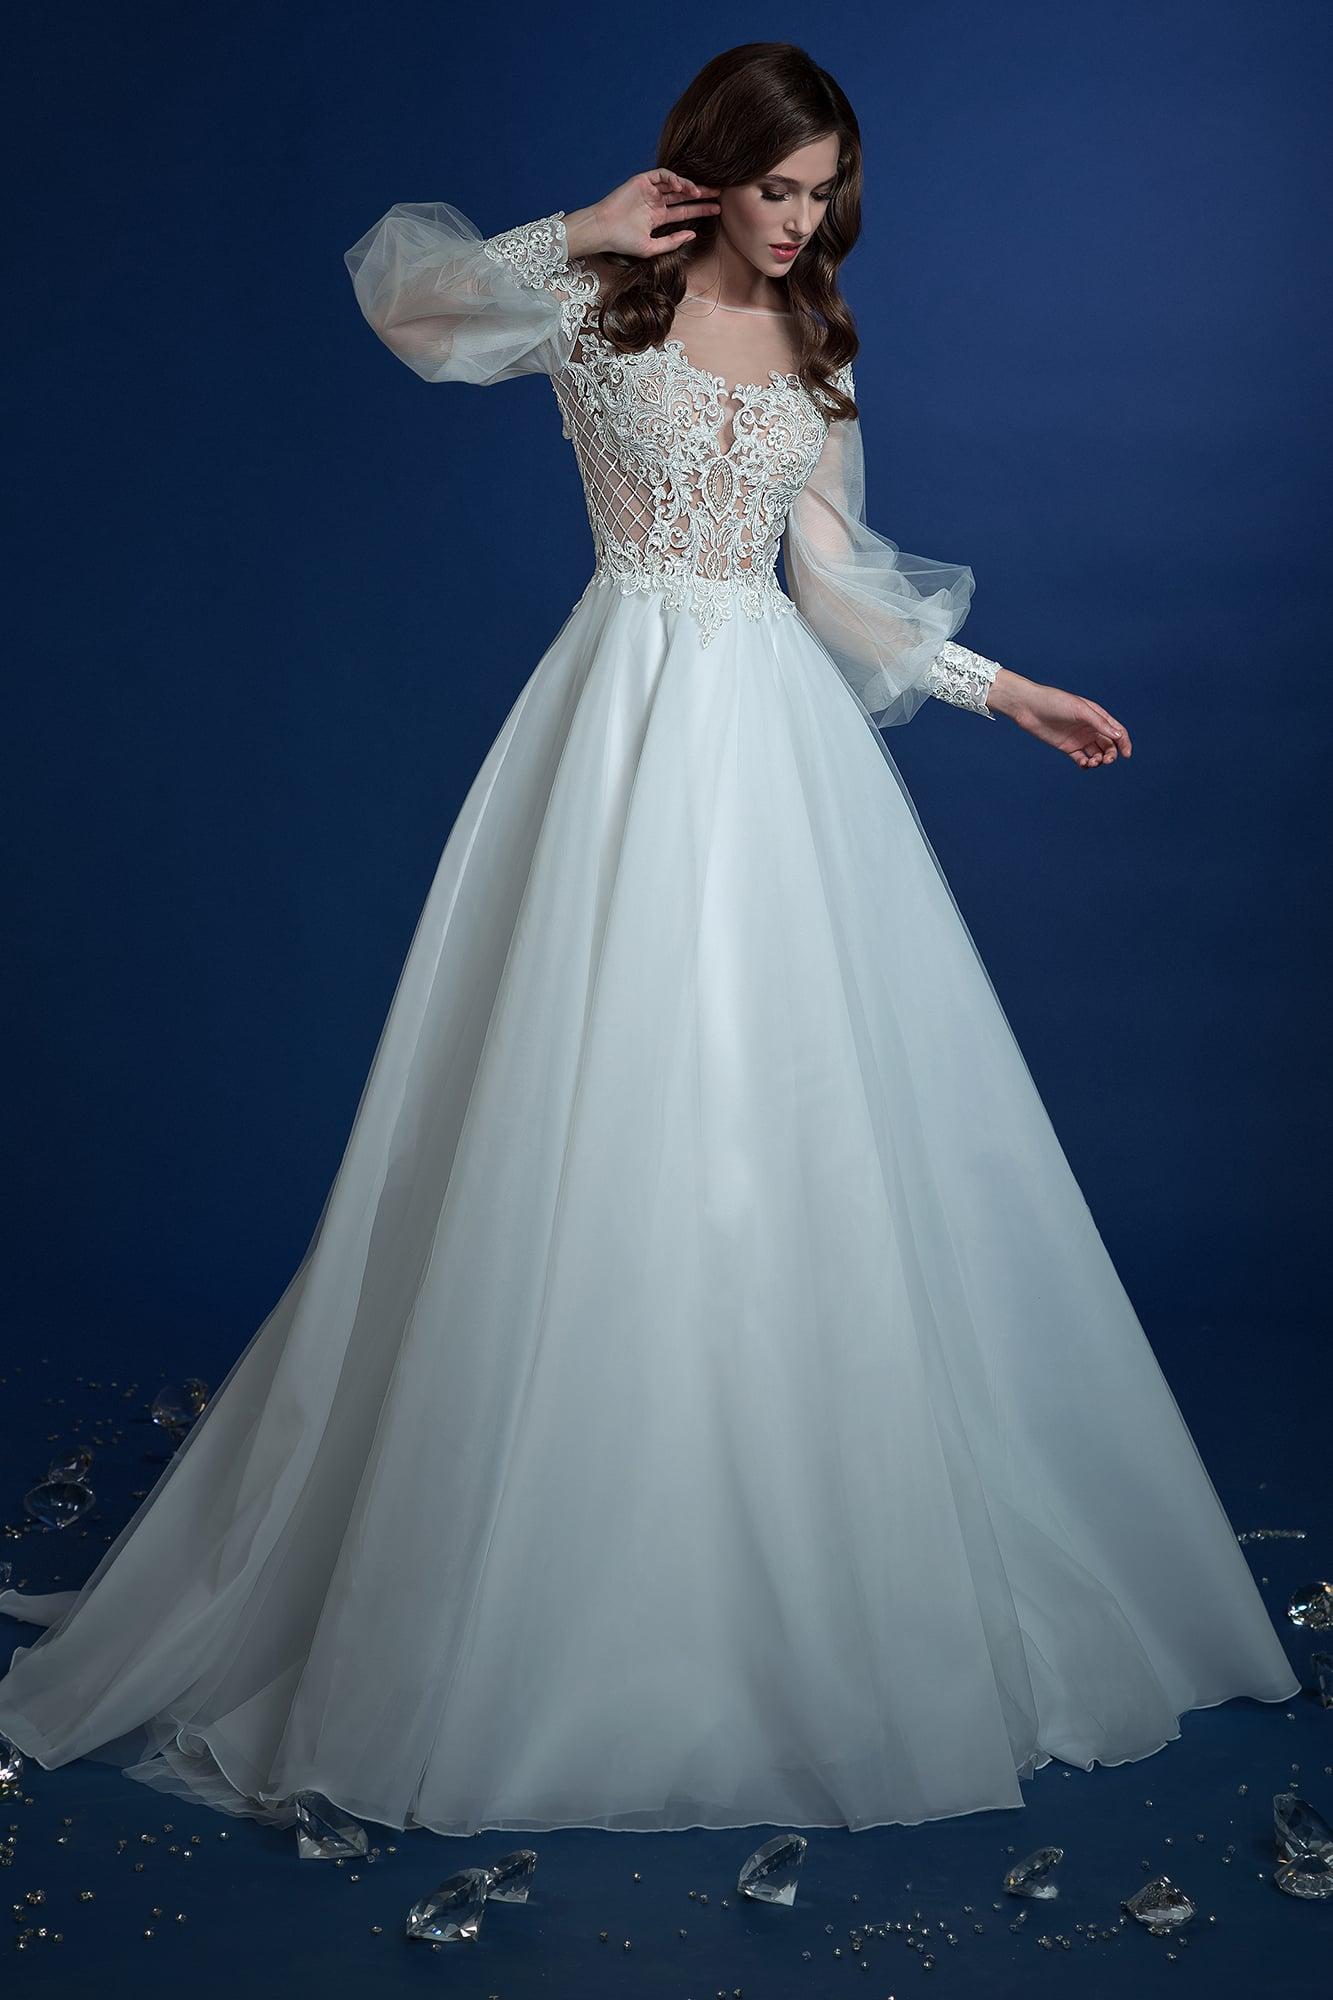 Платья с корсетом: красивые модели, пышные, длинные и короткие, прозрачные и кружевные